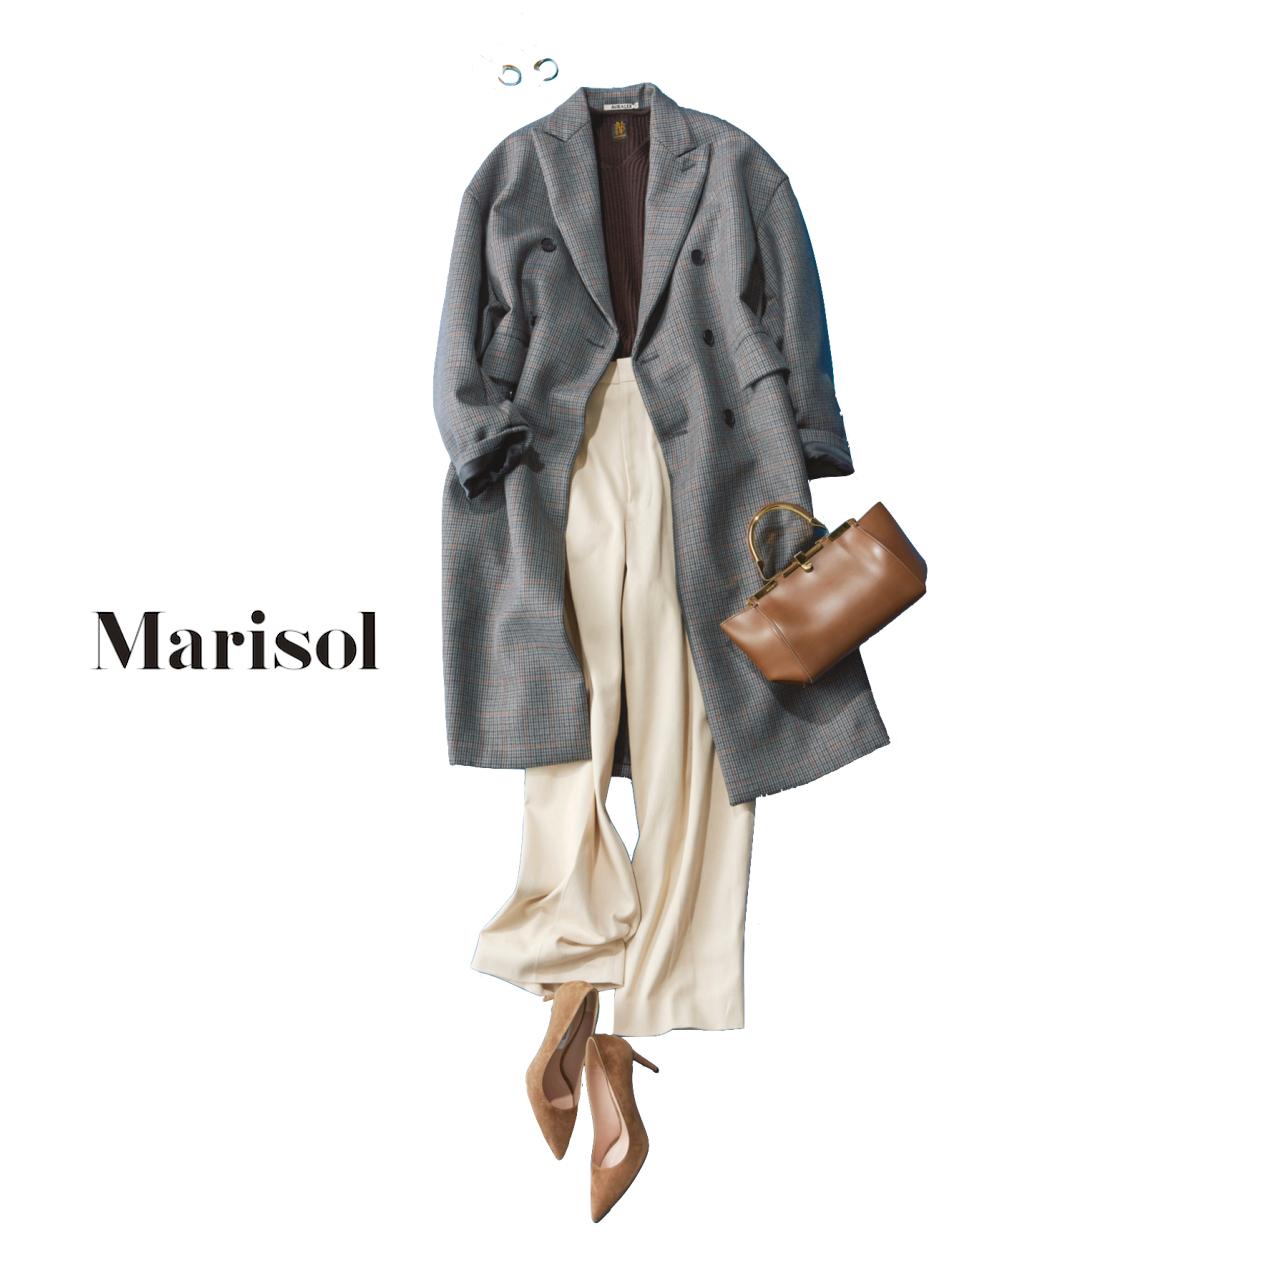 40代ファッション ピークドラペルコート×パンツコーデ